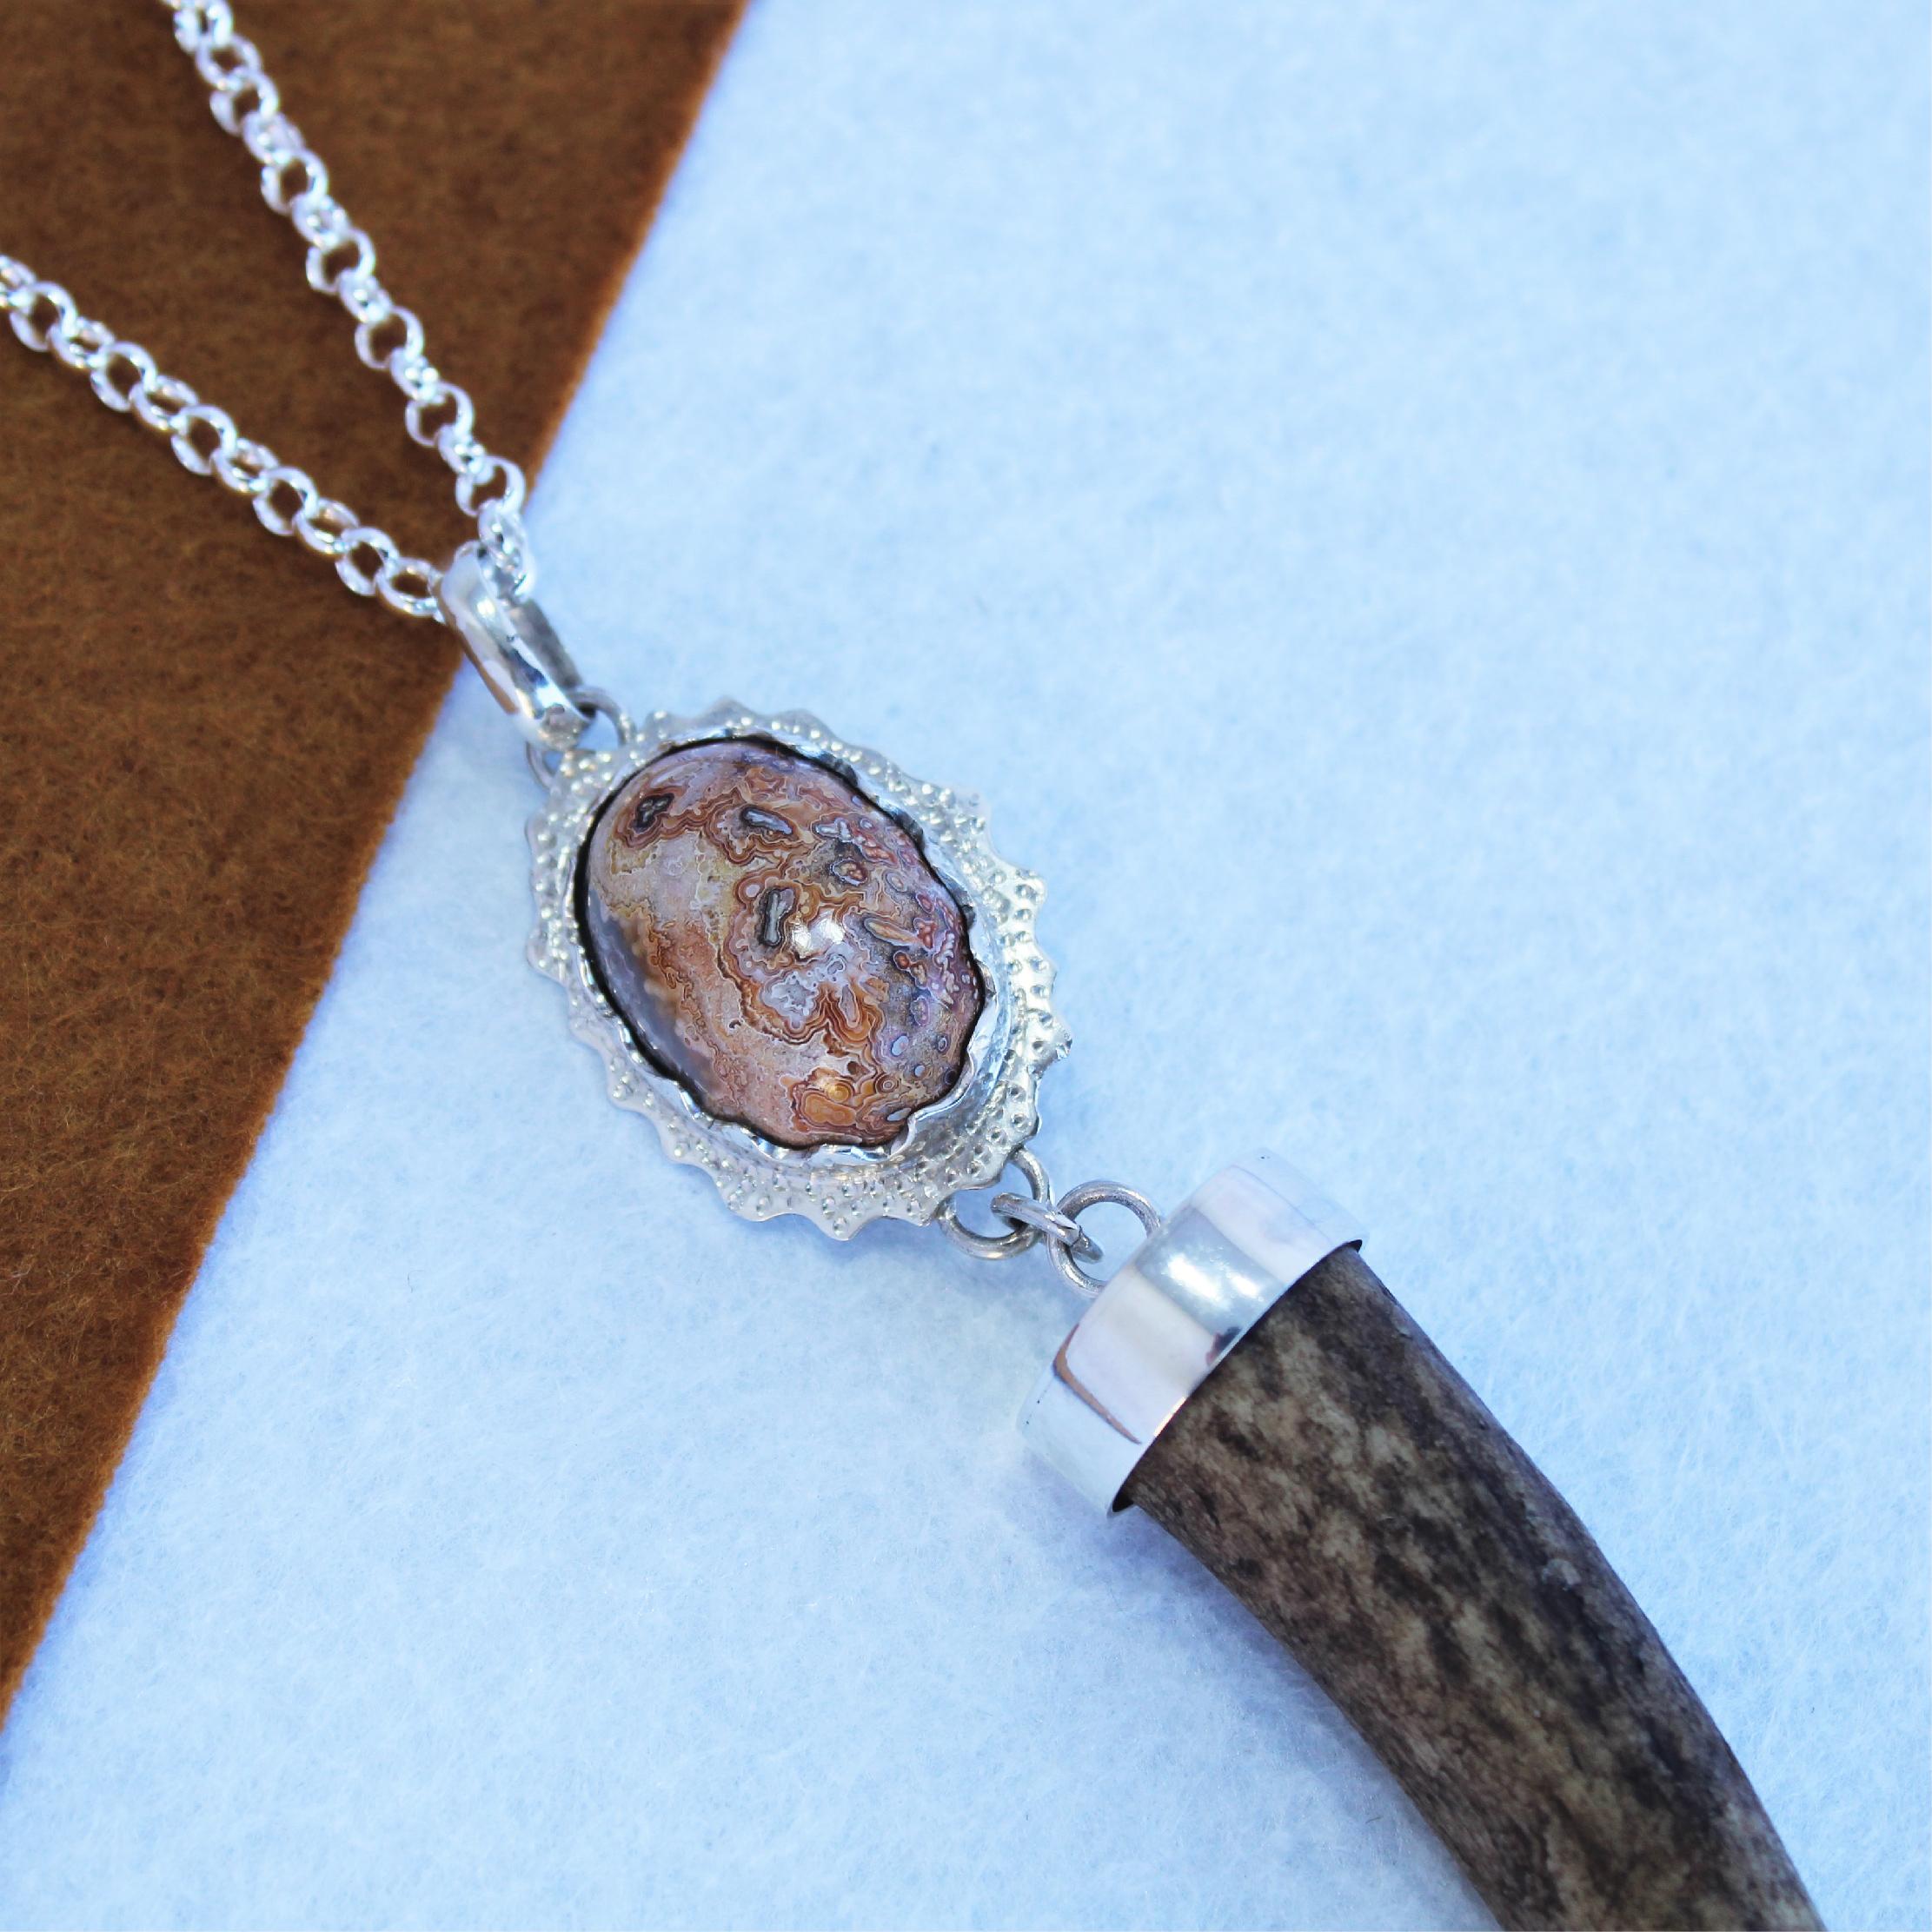 Colgante único en plata 925 con ágata oval y punta de venado, joya cinegética